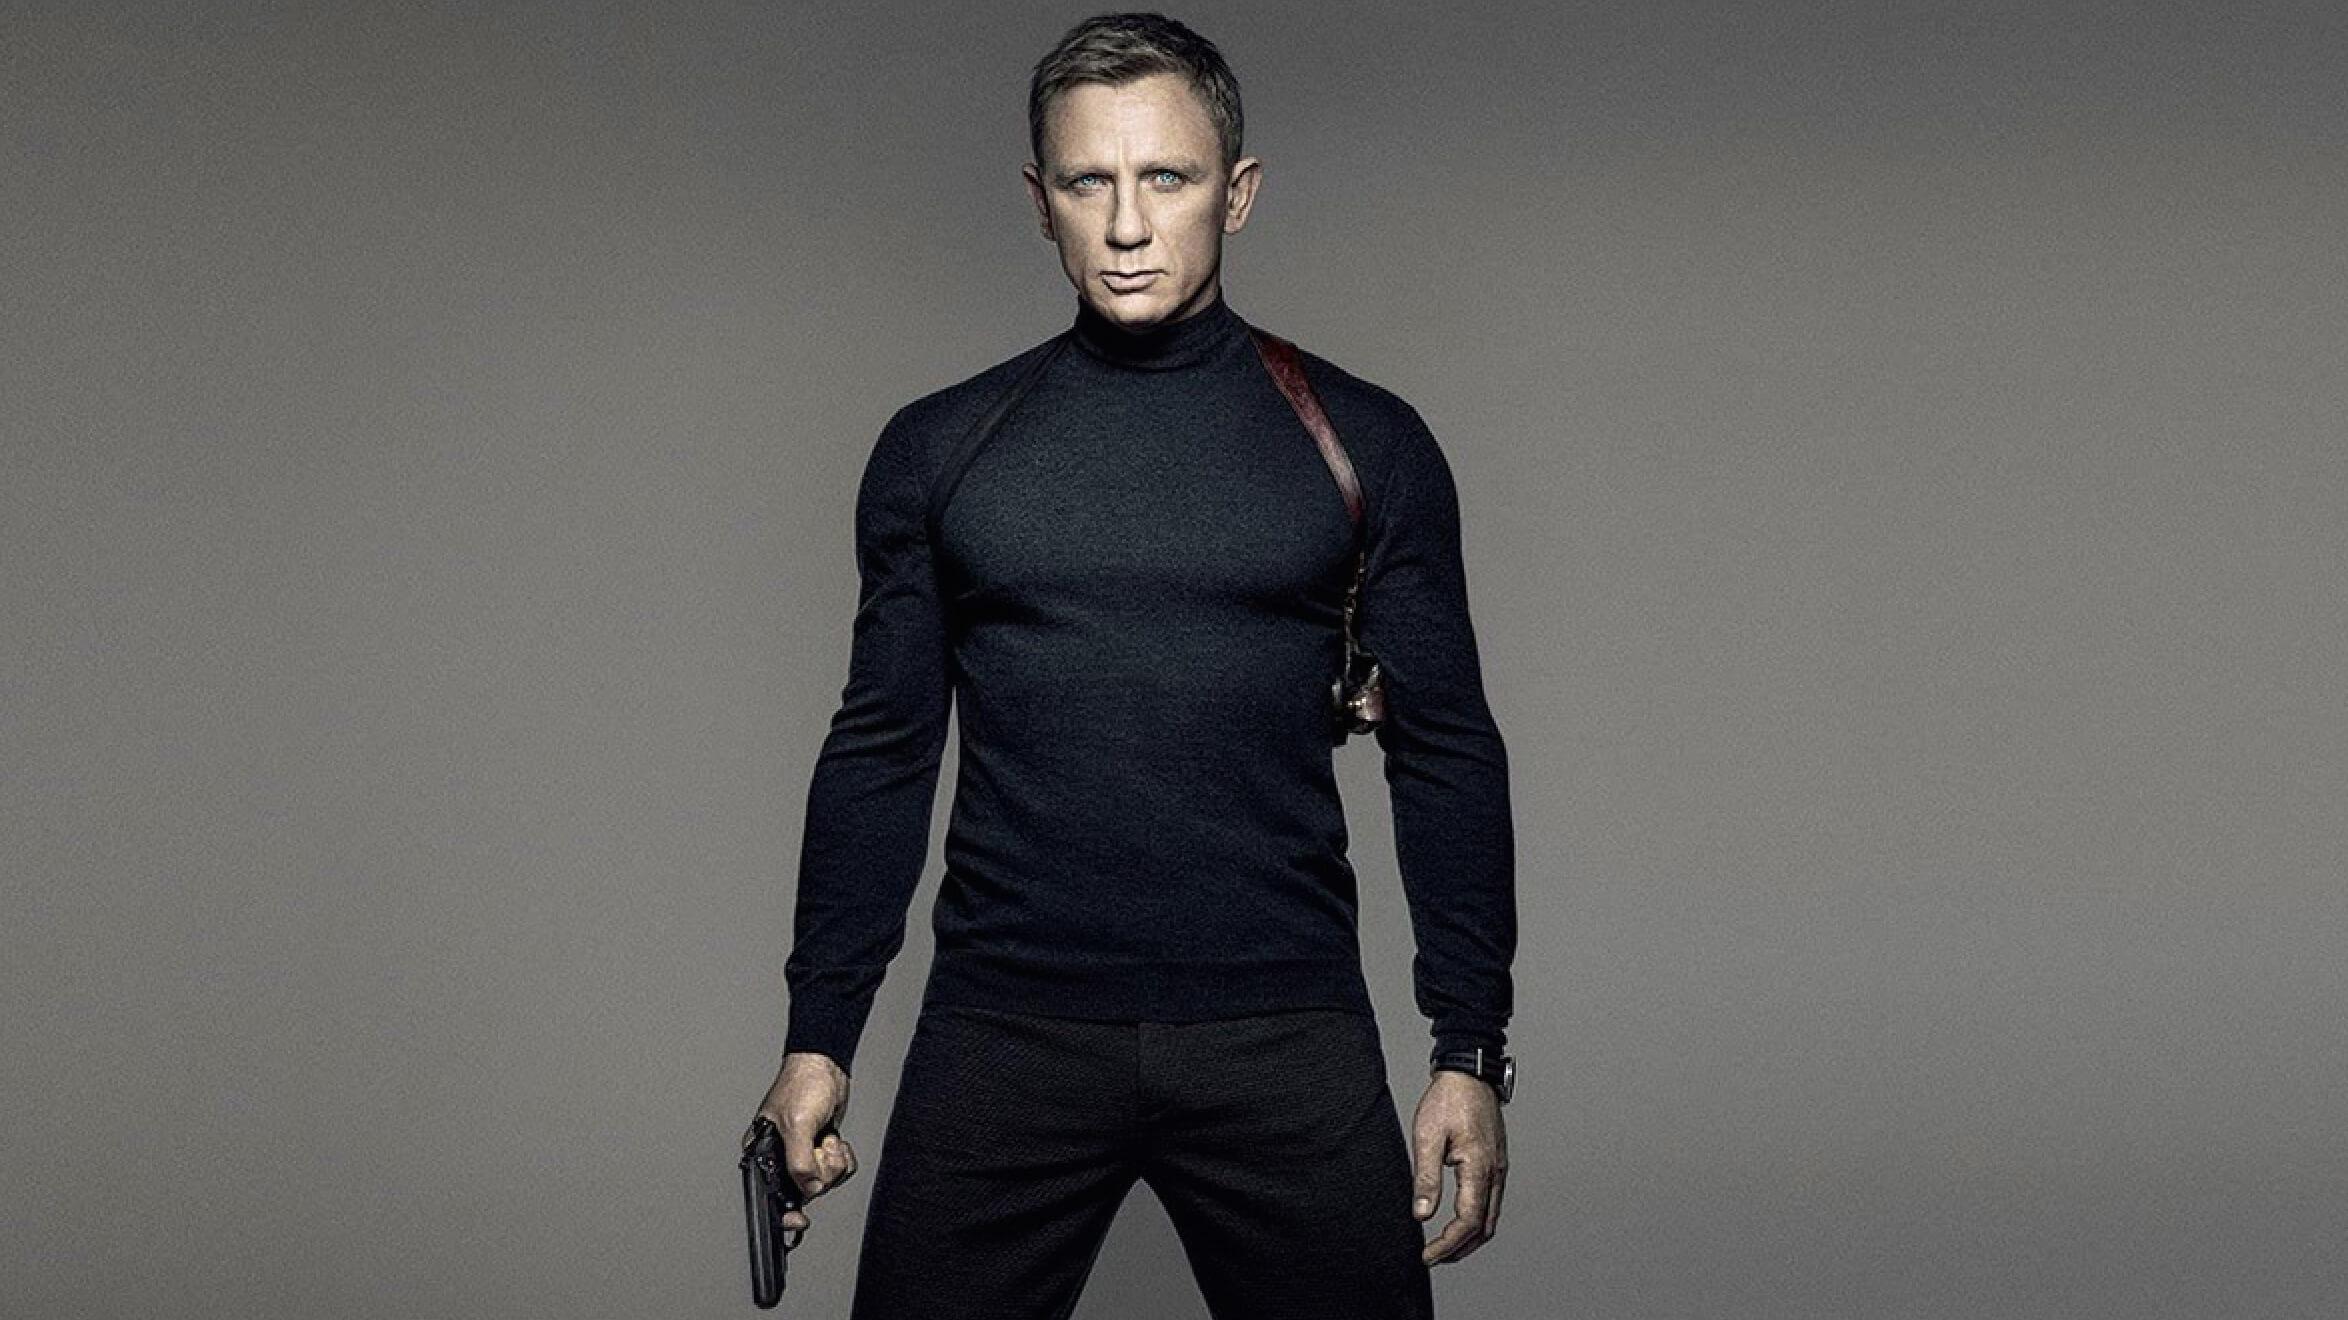 「龐德 25」007 詹姆士龐德新片終於啟動? 據傳本週將於挪威開拍首圖